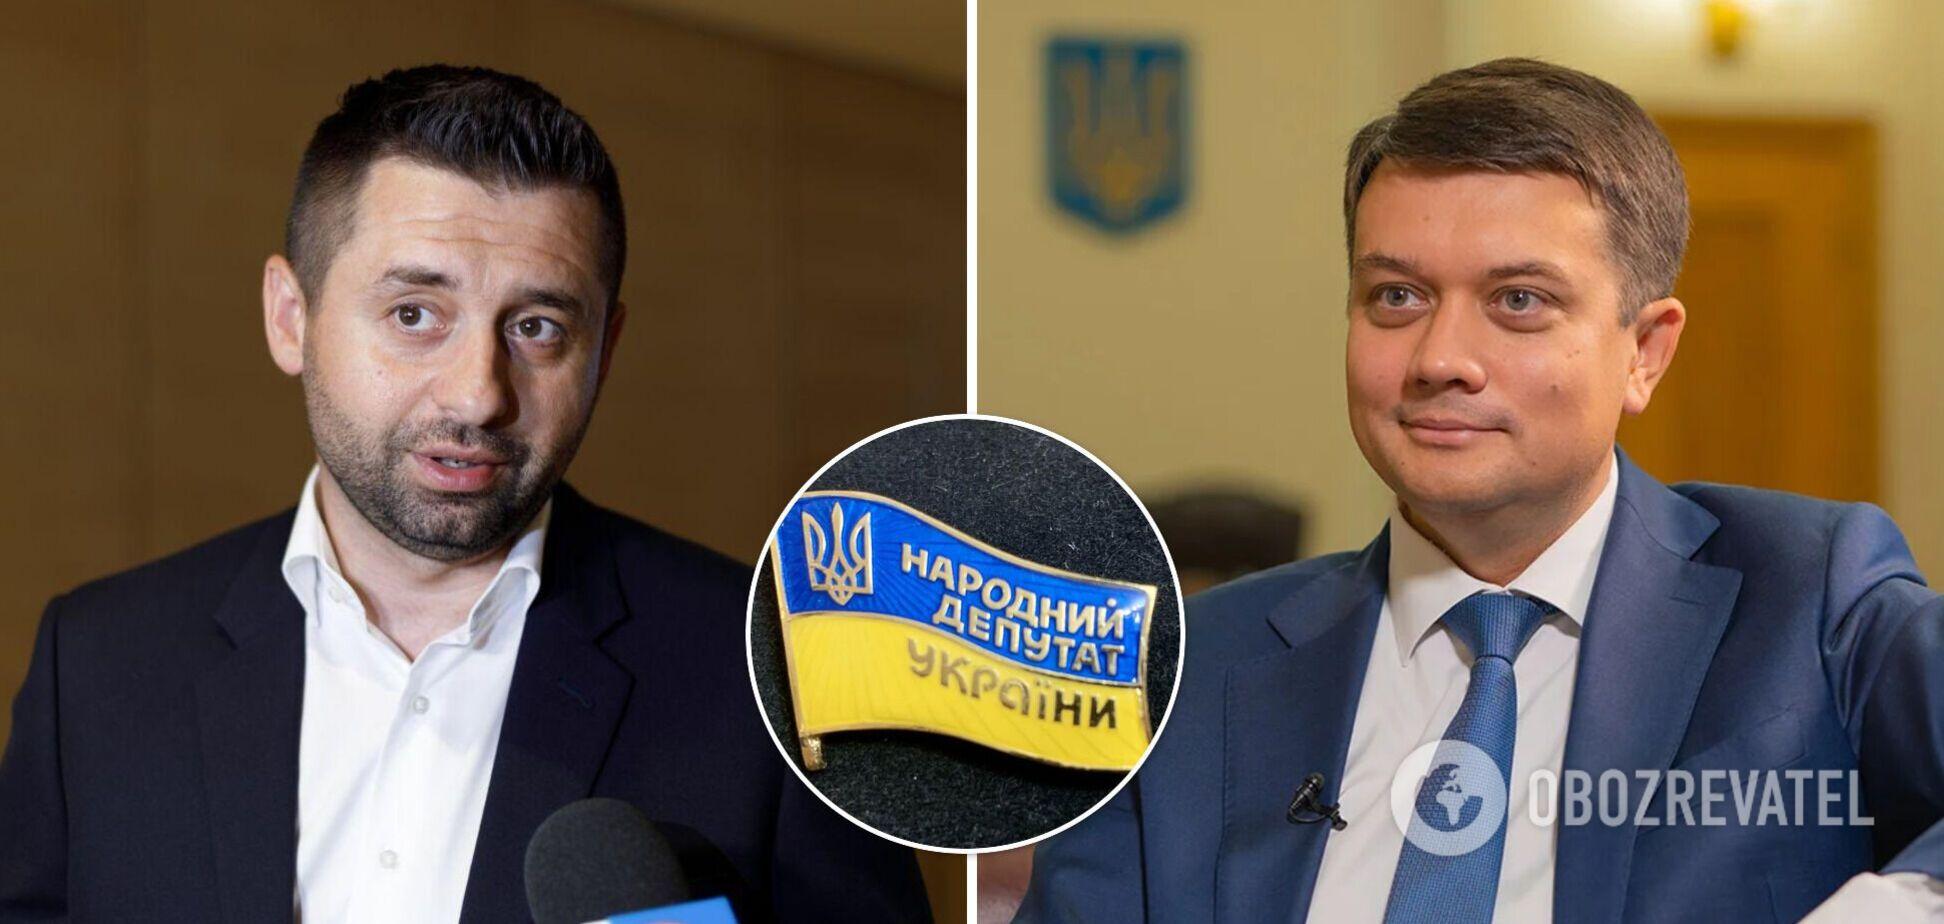 Арахамия не исключает лишения Разумкова депутатского мандата: юристы говорят, что есть основания